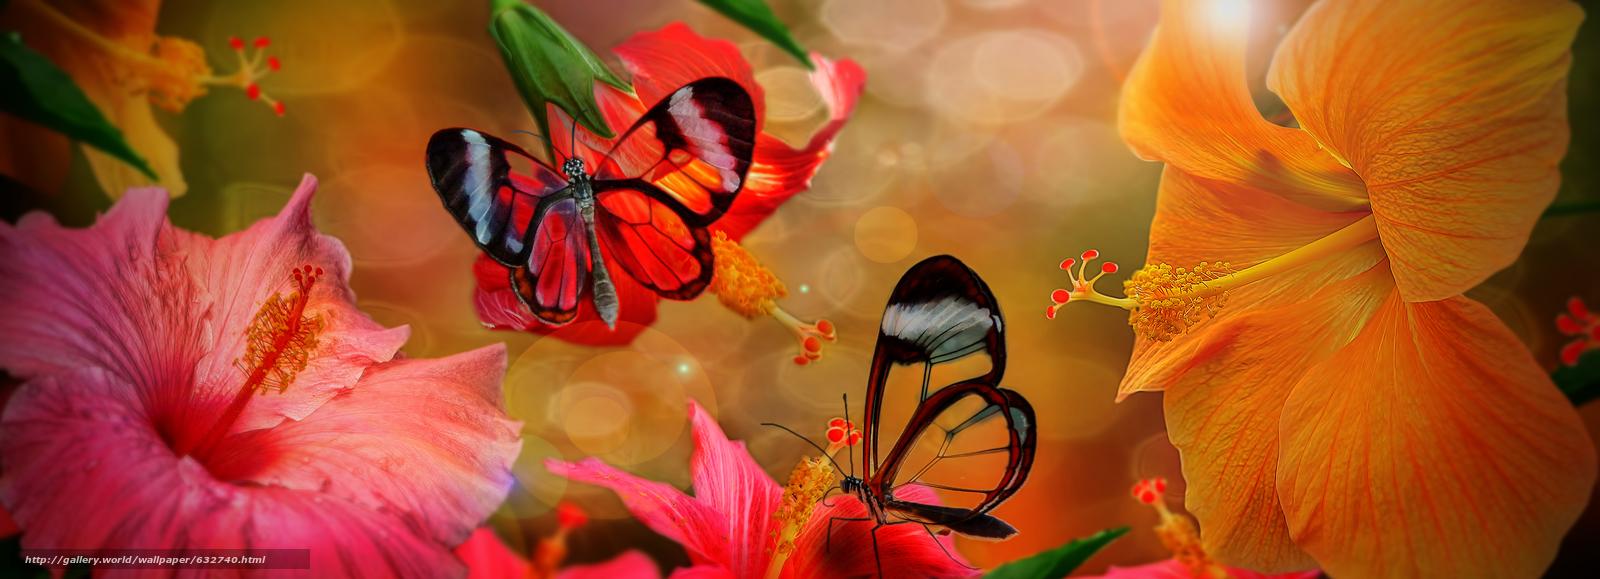 Скачать обои гибискус,  бабочки,  фотошоп бесплатно для рабочего стола в разрешении 9185x3324 — картинка №632740